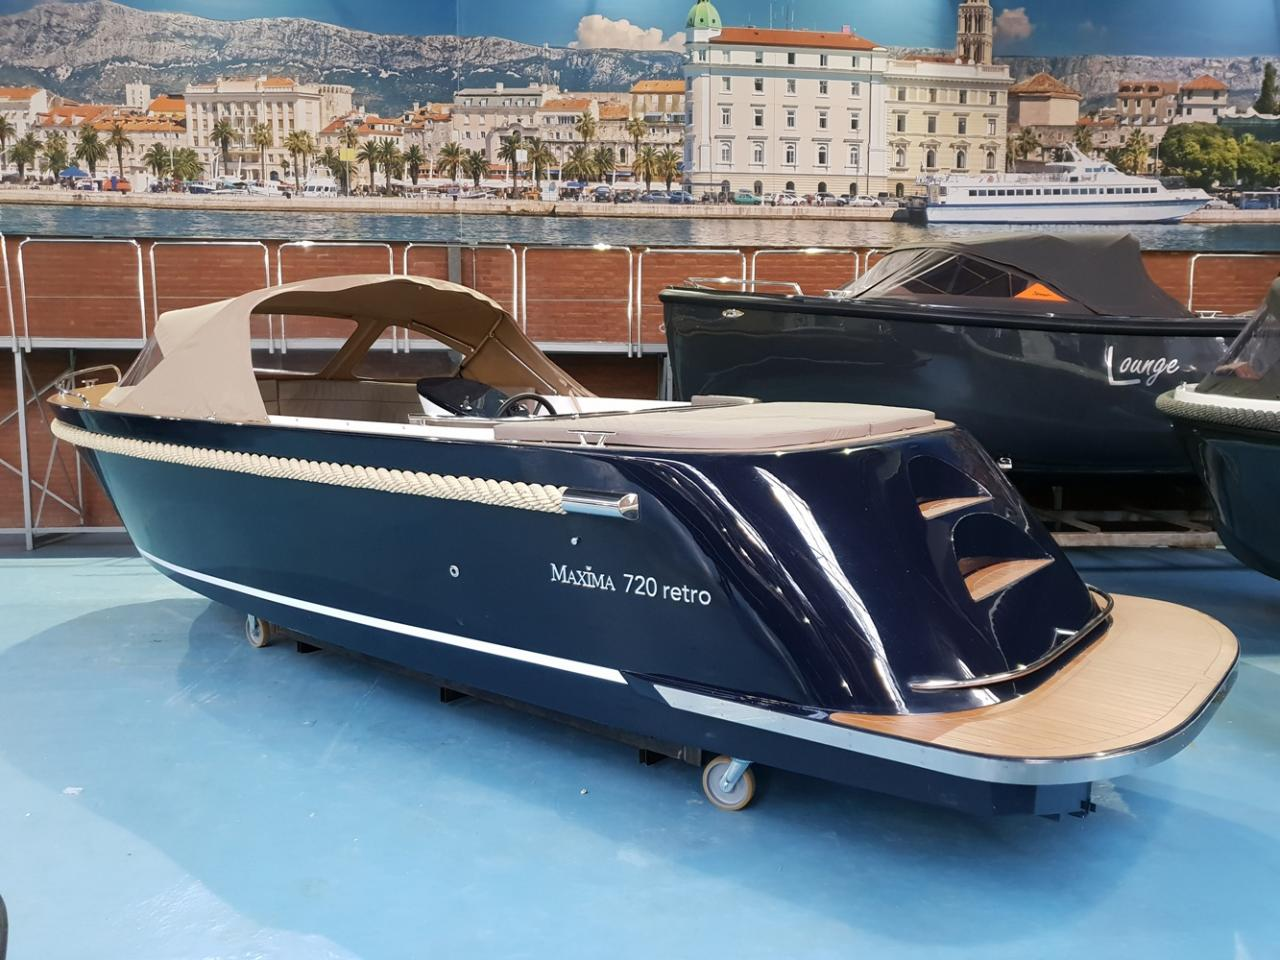 Maxima 720 retro met Honda 60 pk - levering 2022! 2